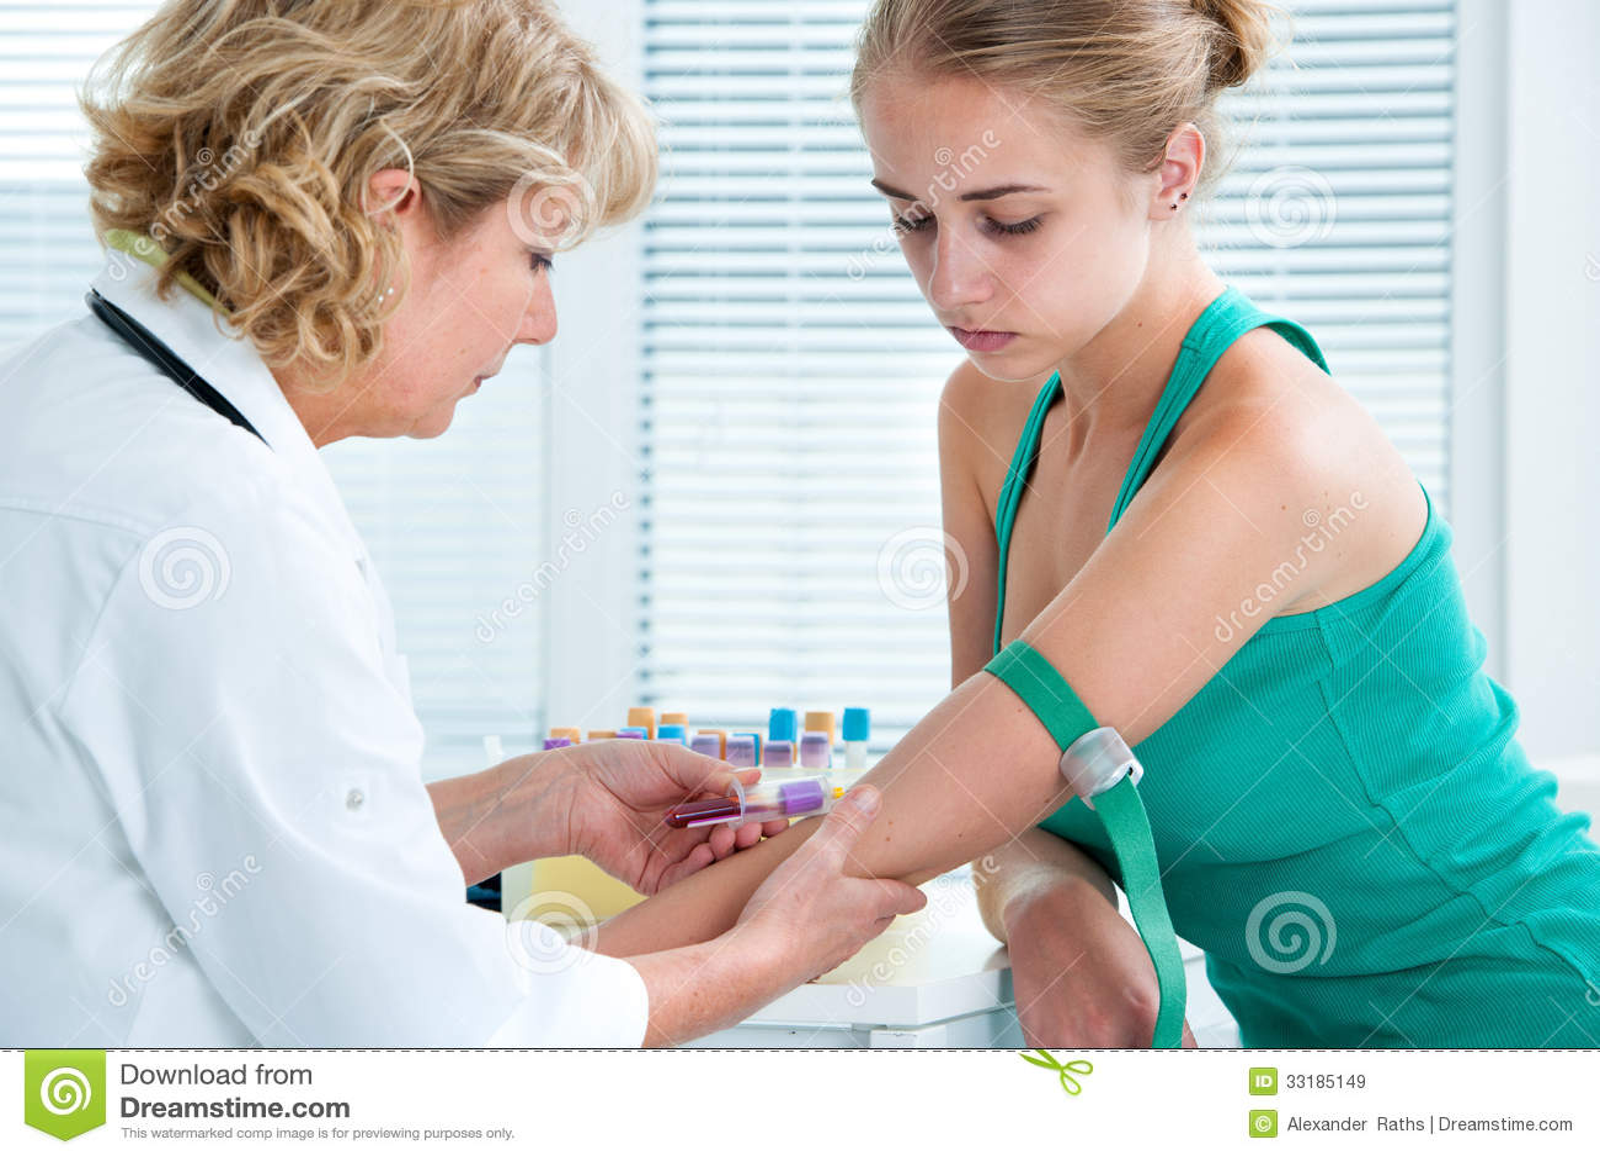 Nurse Taking Blood Sample Royalty Free Stock Images - Image: 33185149